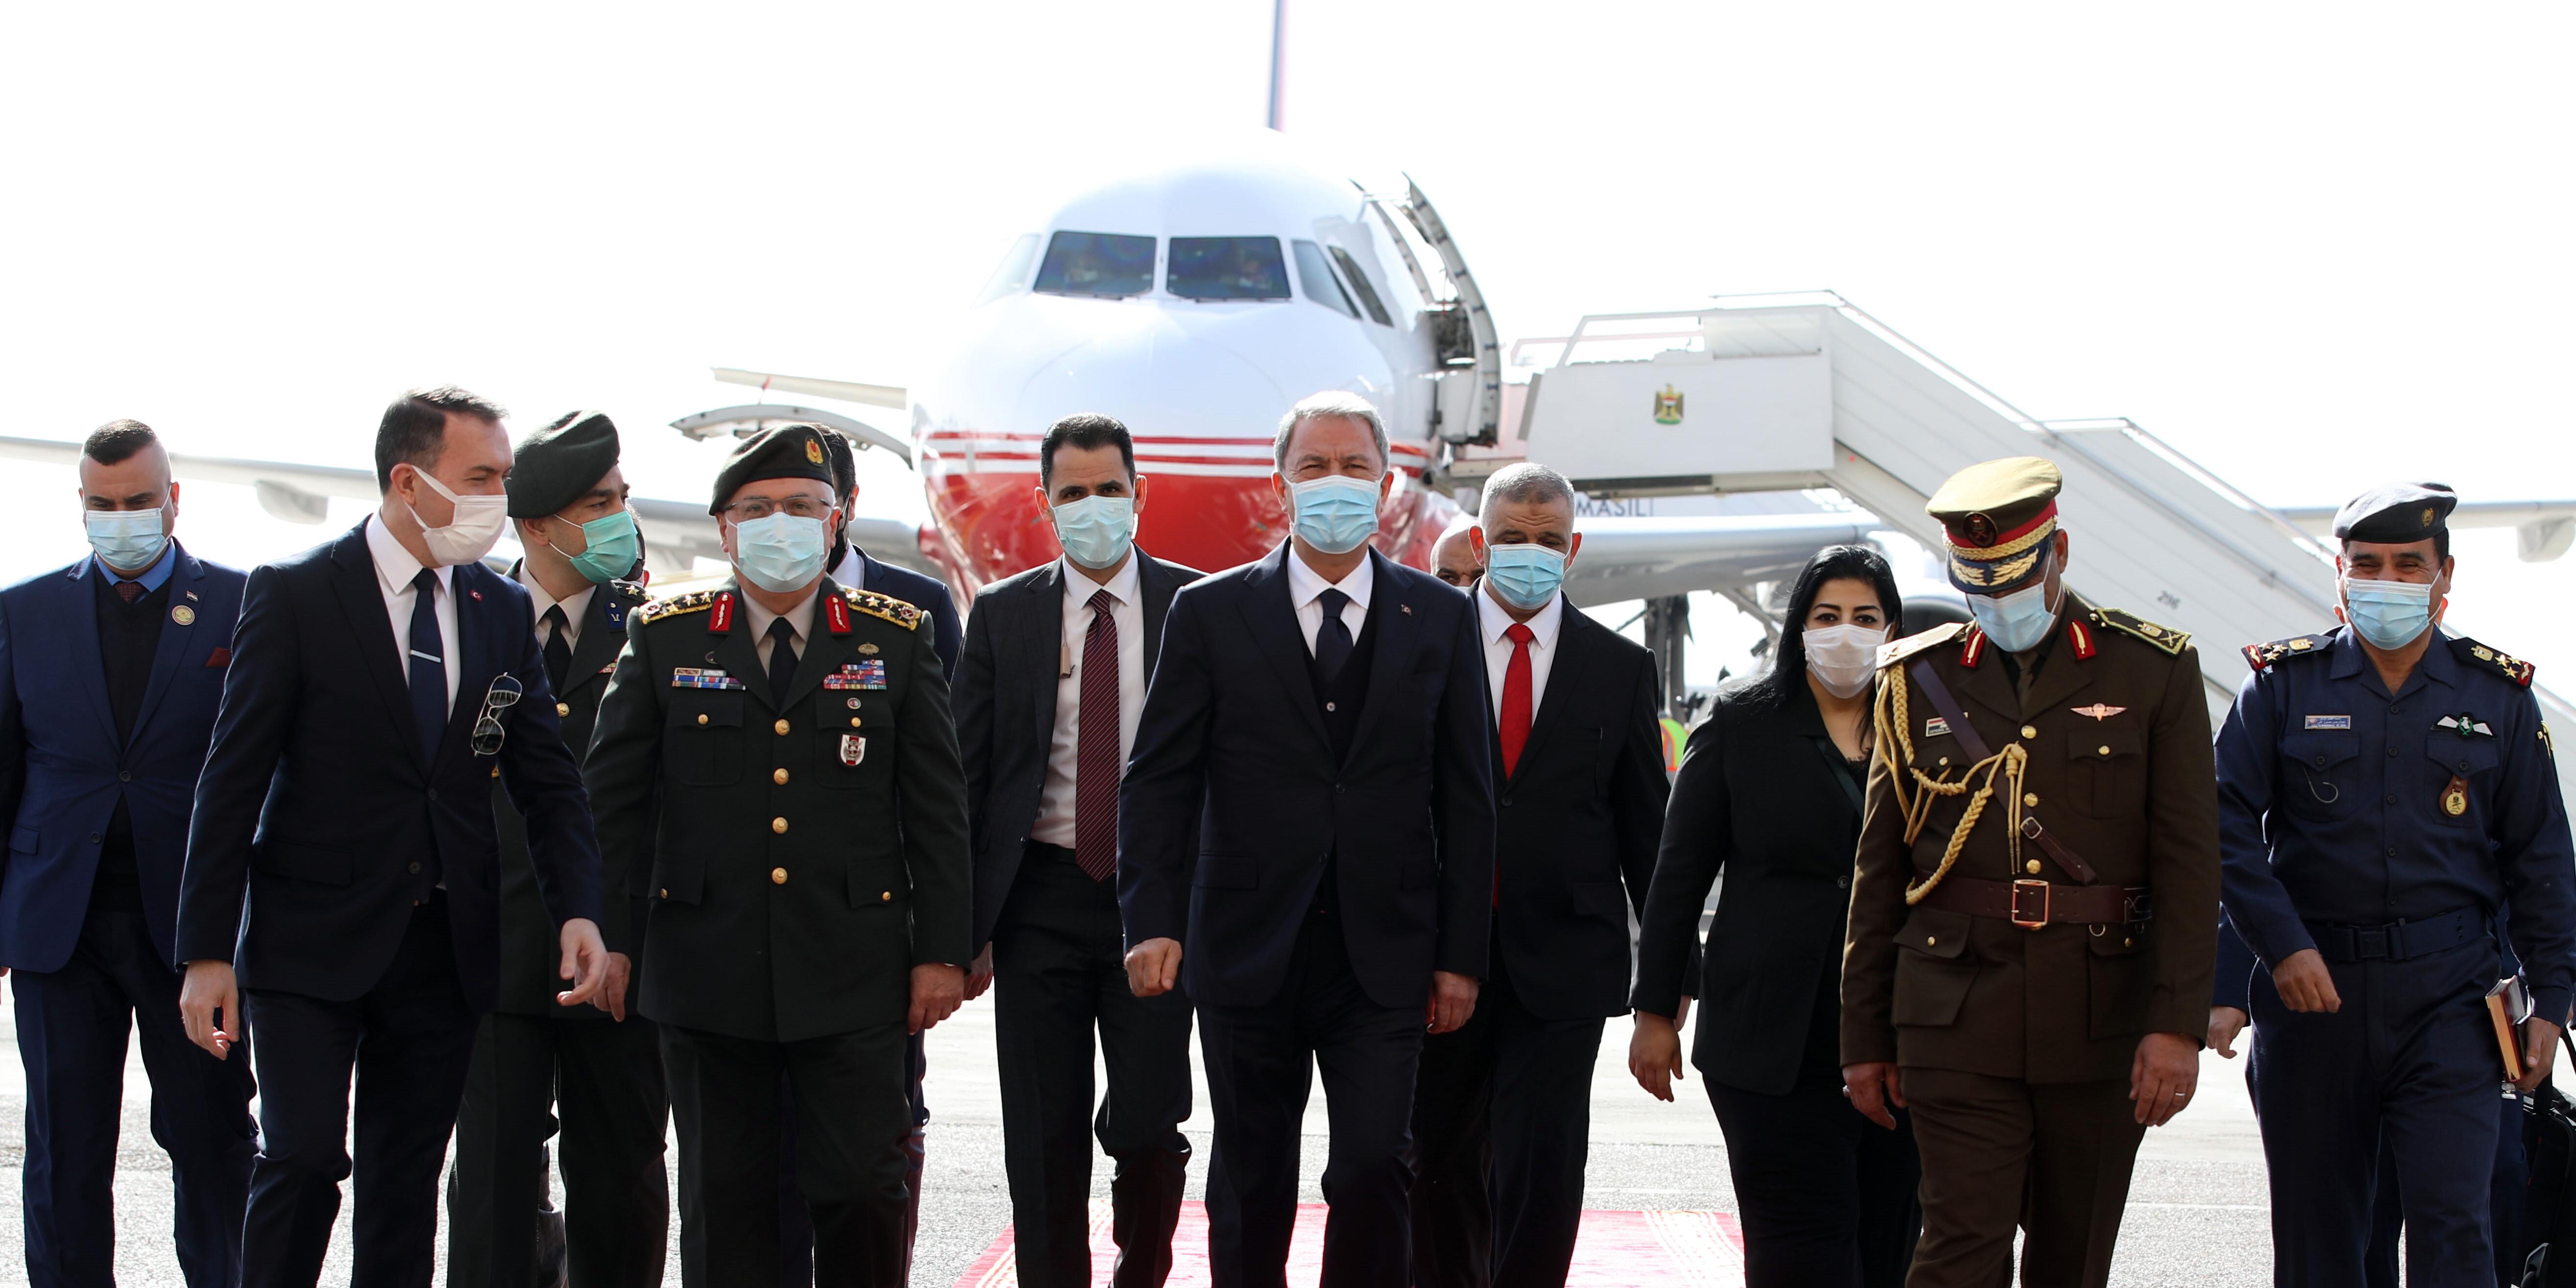 Milli Savunma Bakanı Hulusi Akar, Genelkurmay Başkanı Orgeneral Yaşar Güler ile birlikte Irak'a resmi ziyarette bulundu.